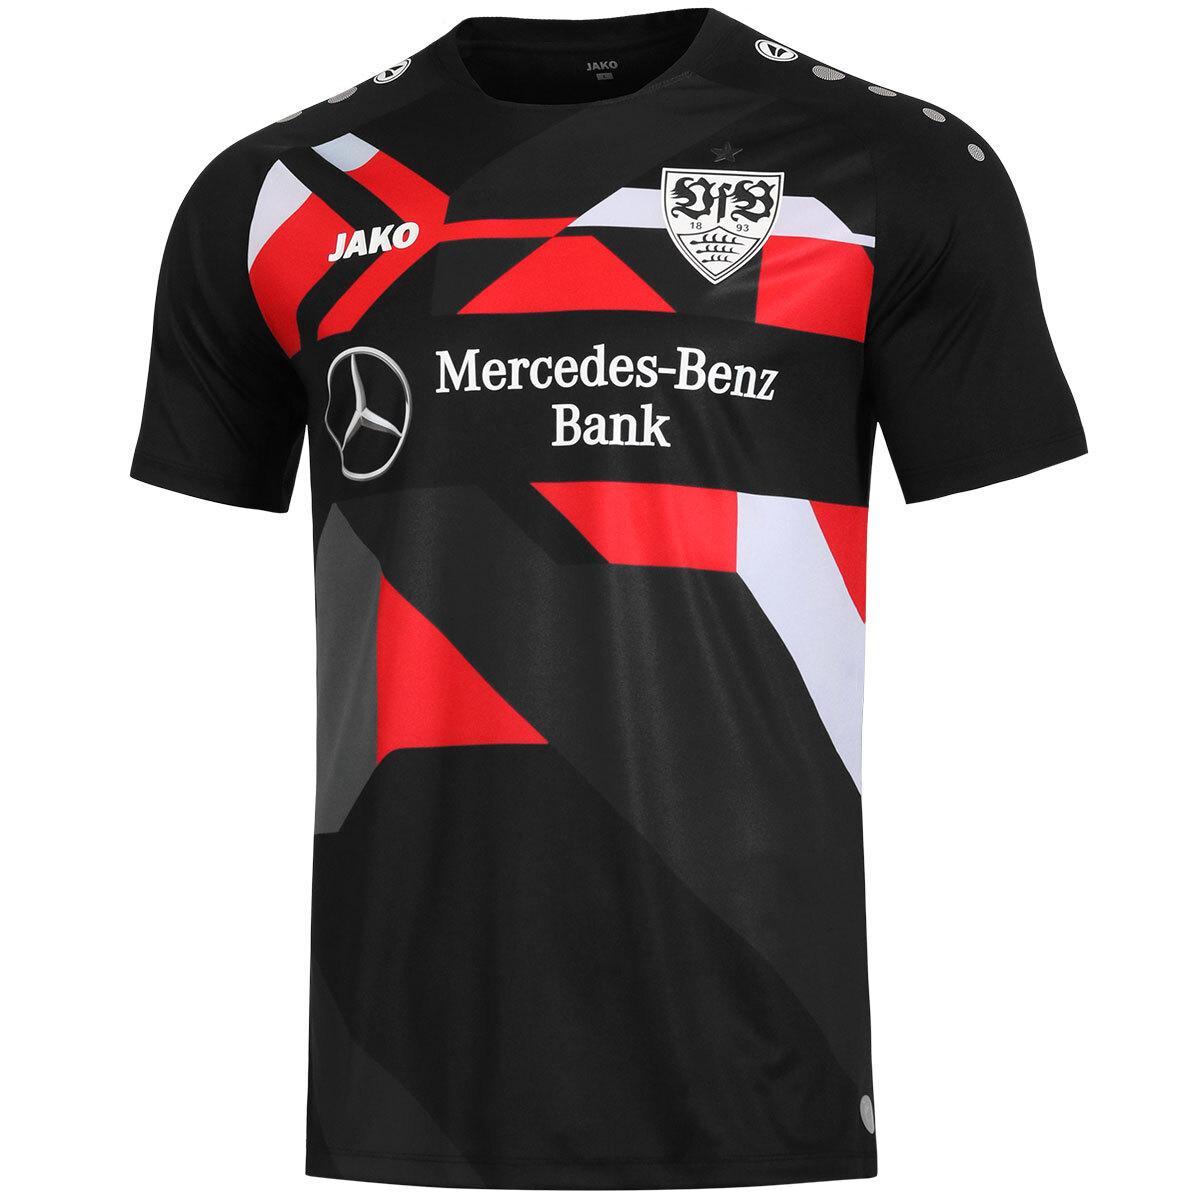 JAKO VfB Stuttgart Neckwarmer